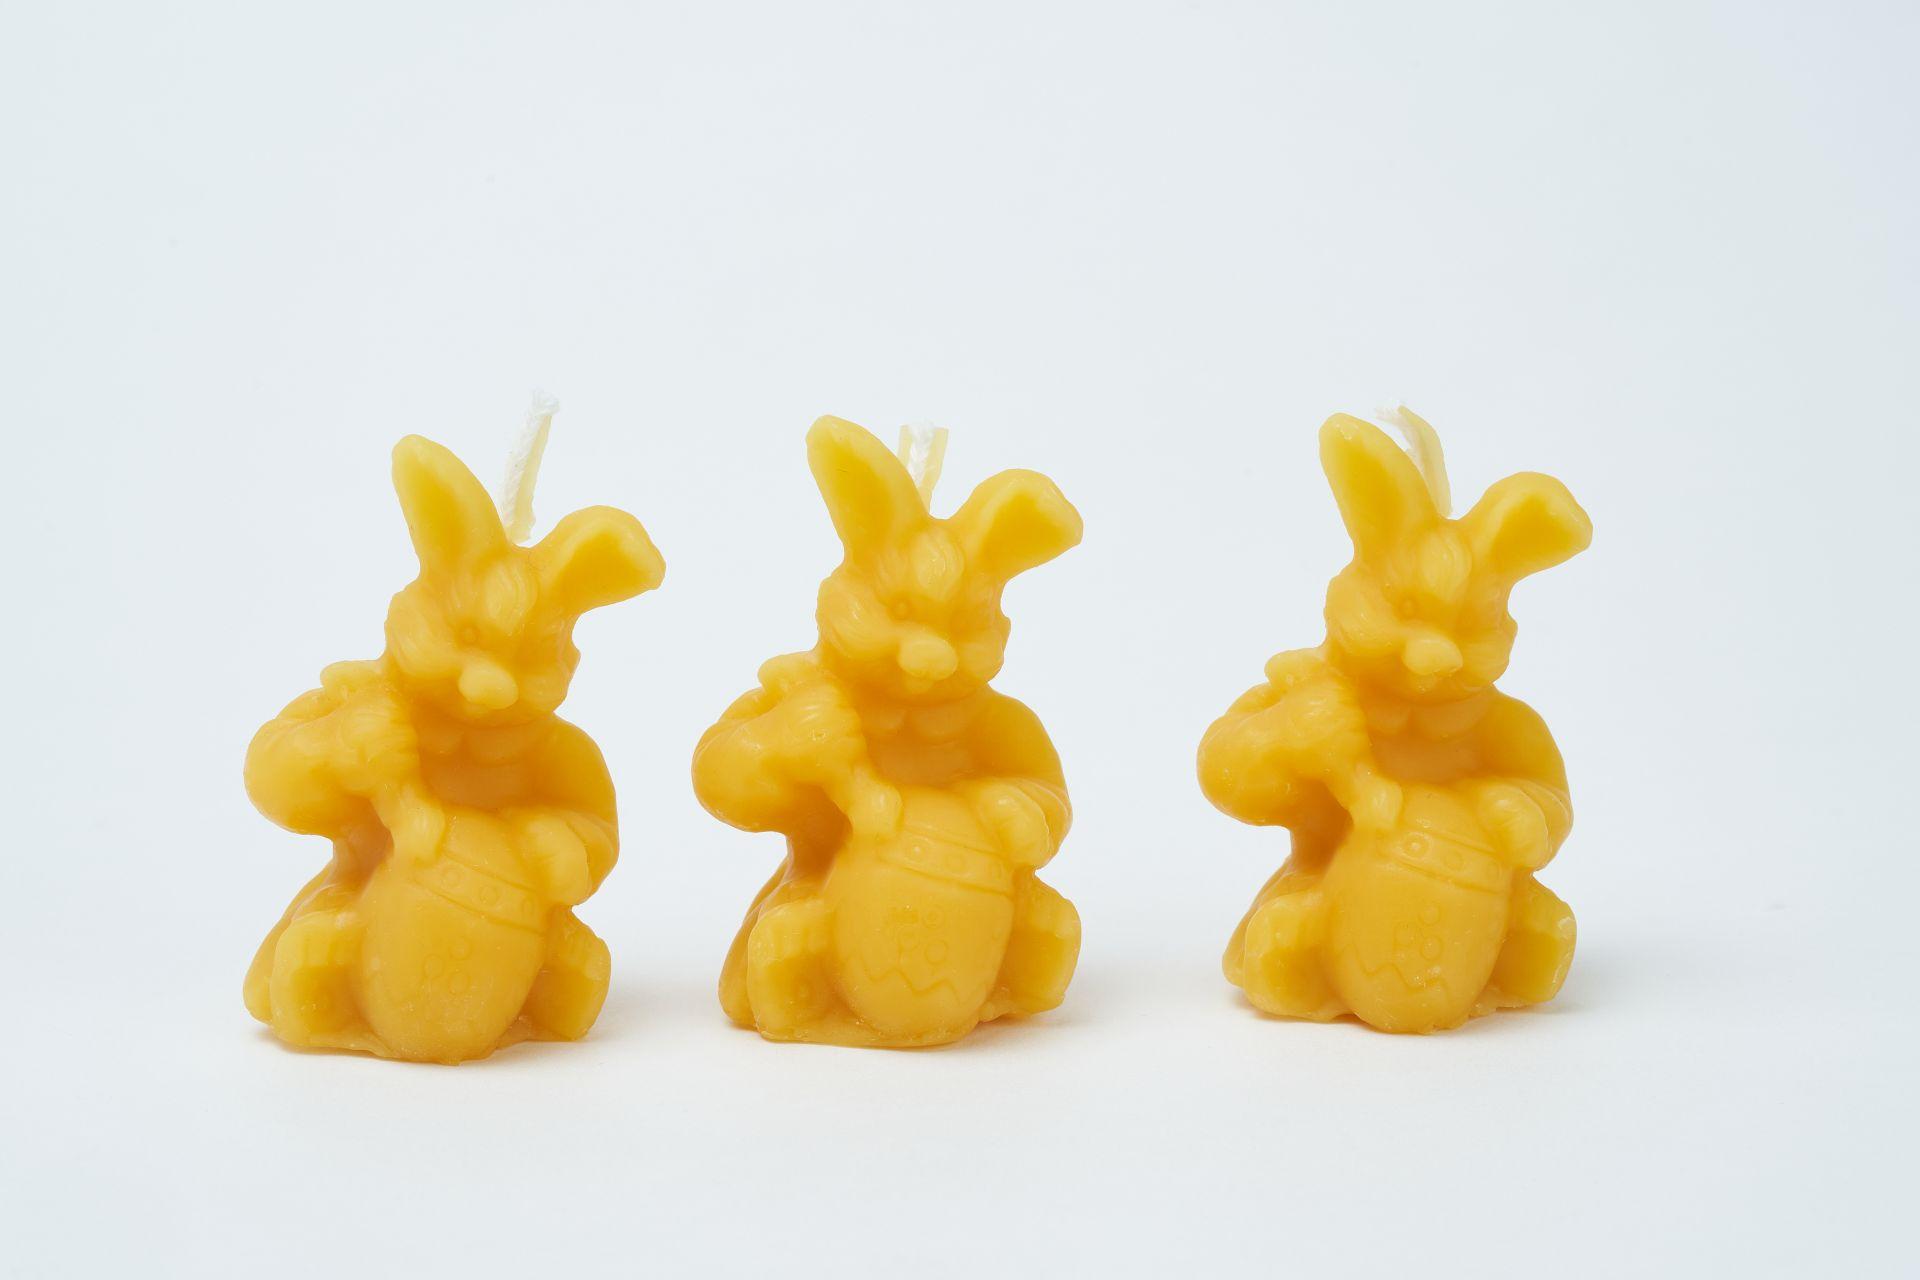 3x Kerze Hase mit Ei (Höhe ca. 5,5cm) aus 100% Bienenwachs vom Imker